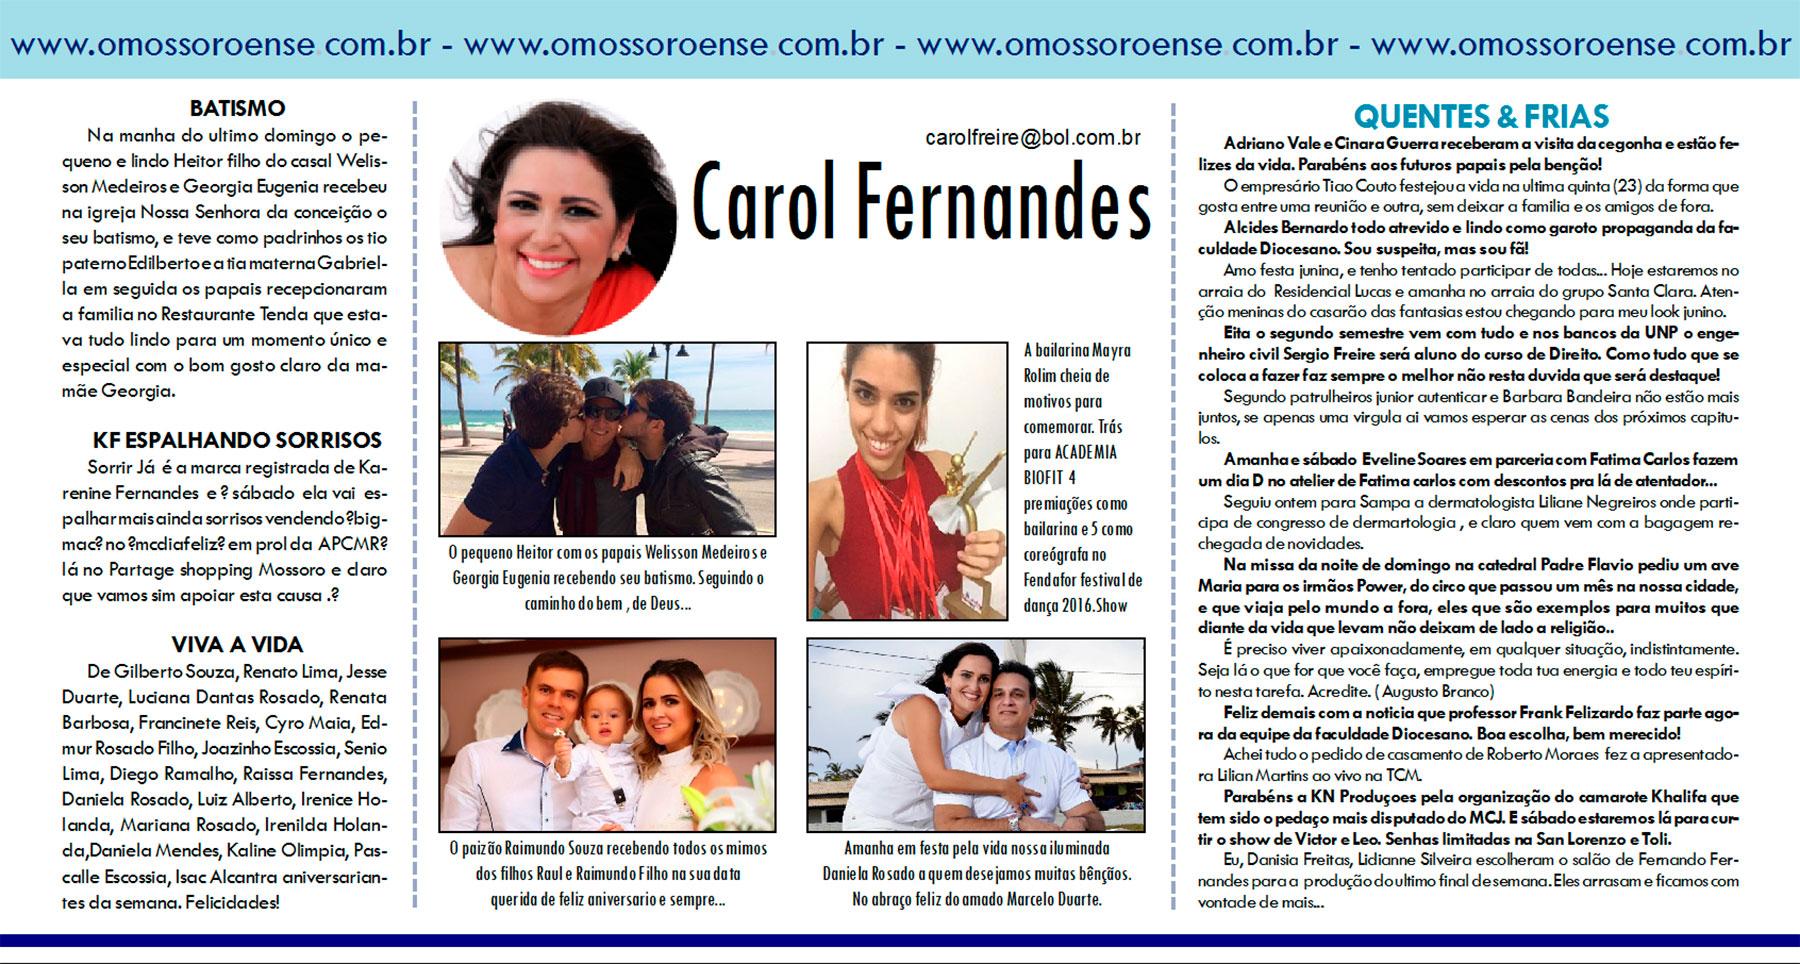 CAROL-FERNANDES---29-06-16